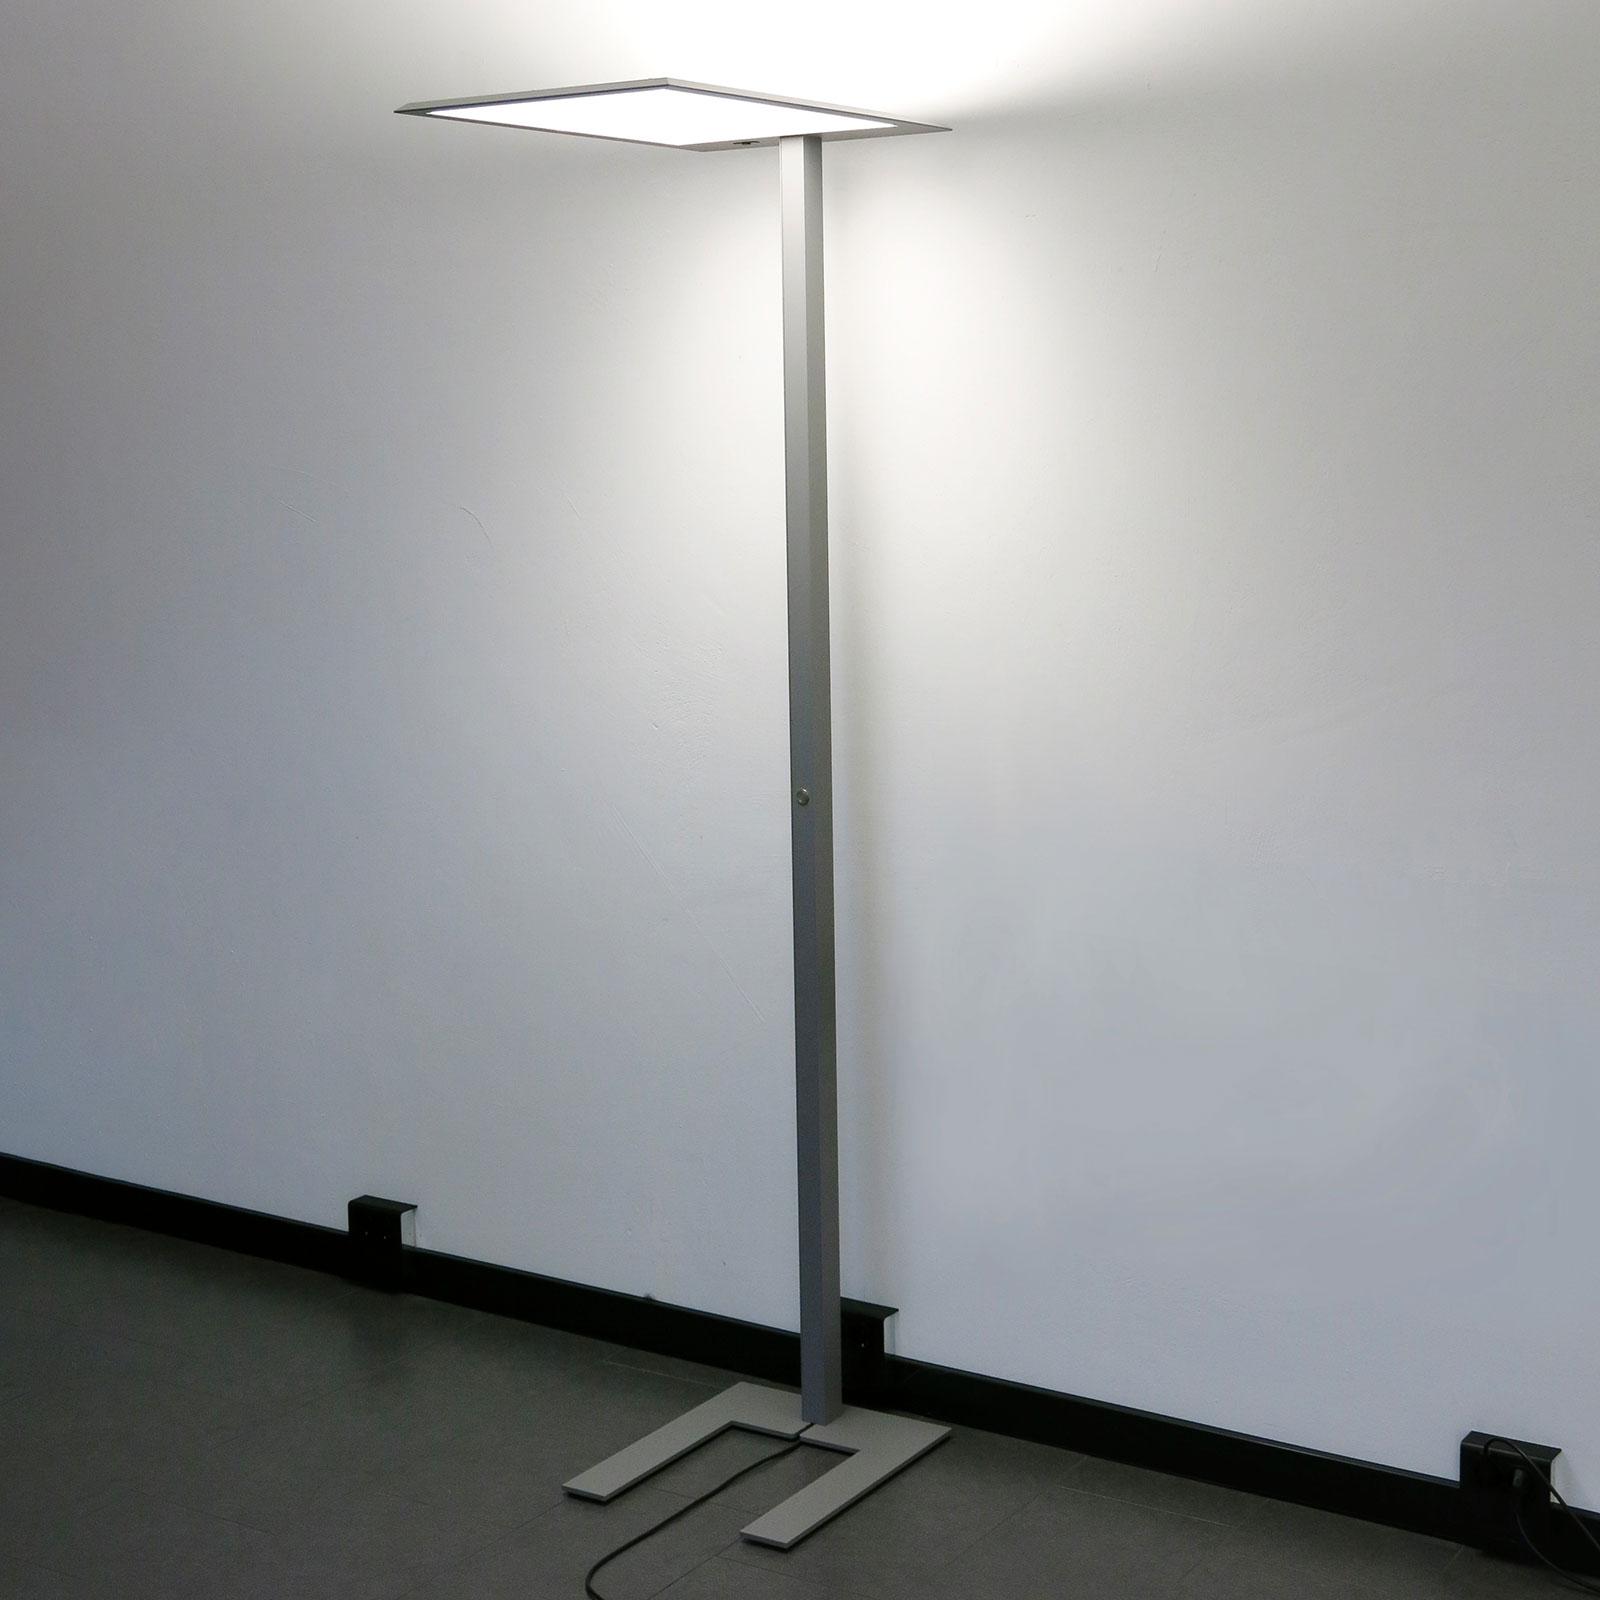 LED-lattiavalo LEAS, 203 cm, titaani, painike